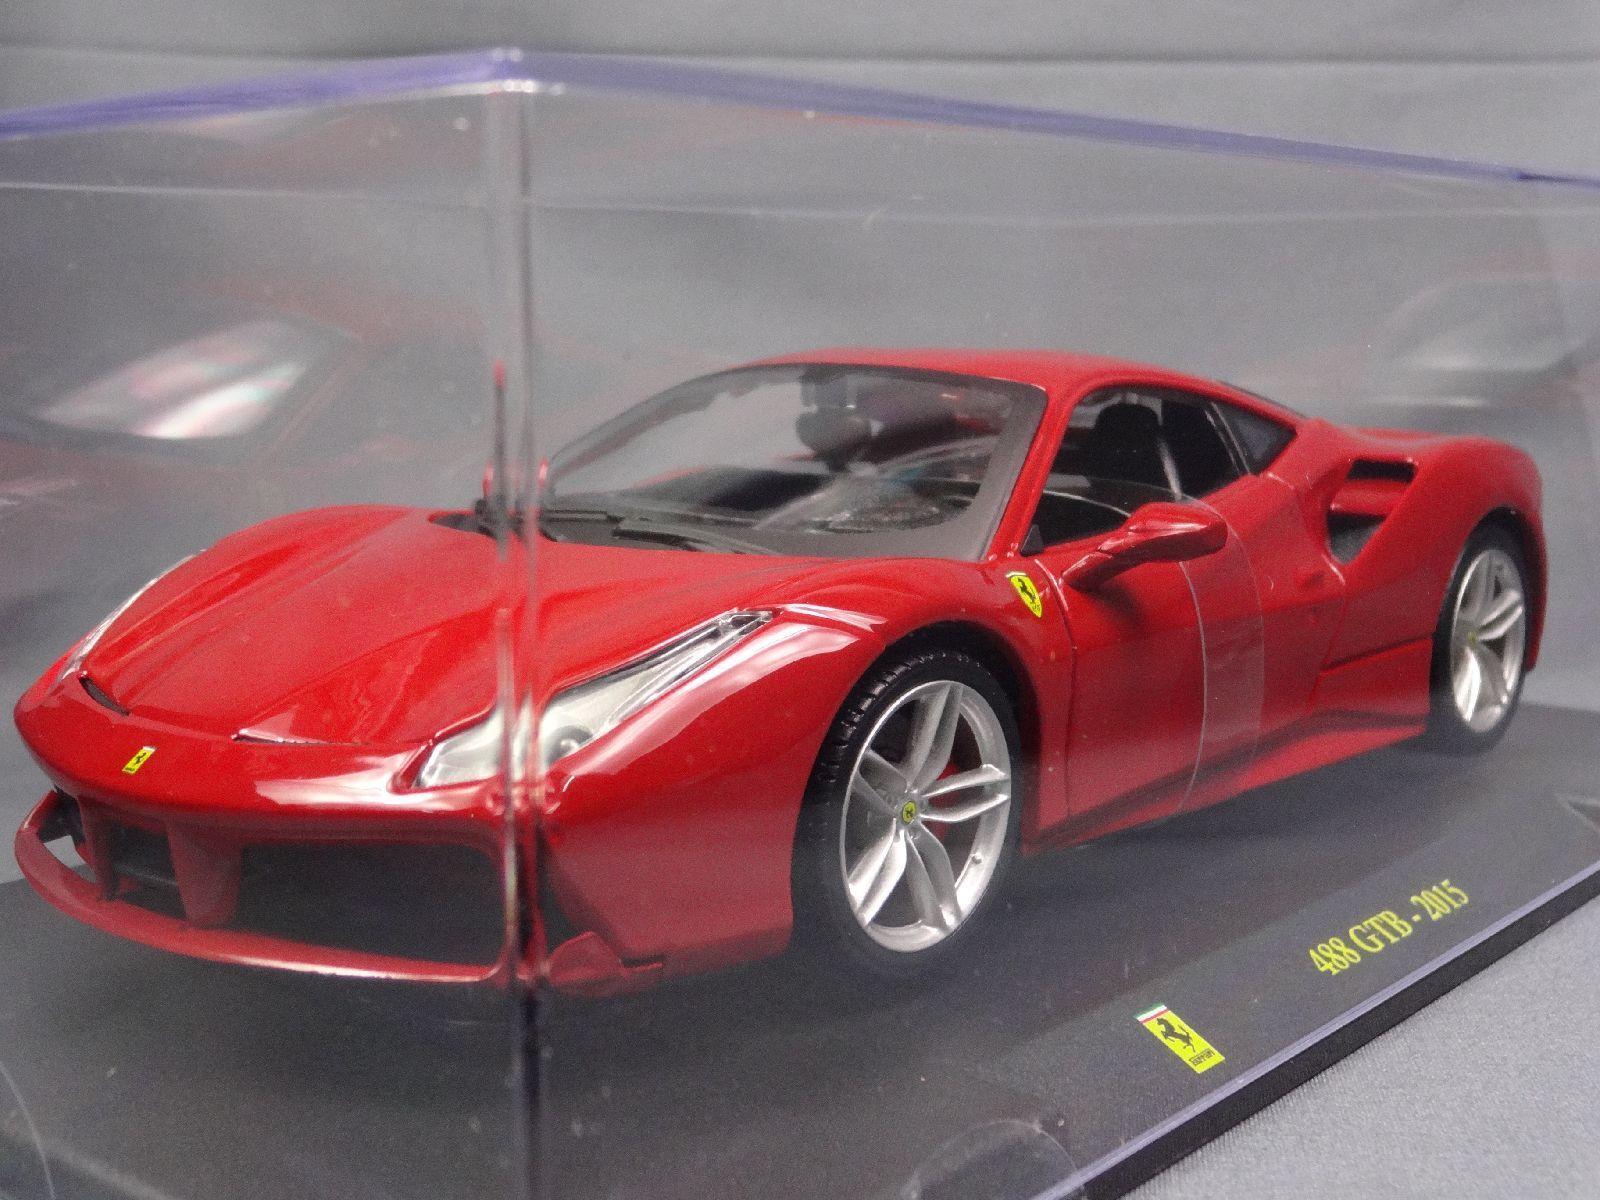 Ferrari collection collection collection 488 GTB 2015 1 24 Scale Box Mini Car Display Diecast vol 11 0b9920